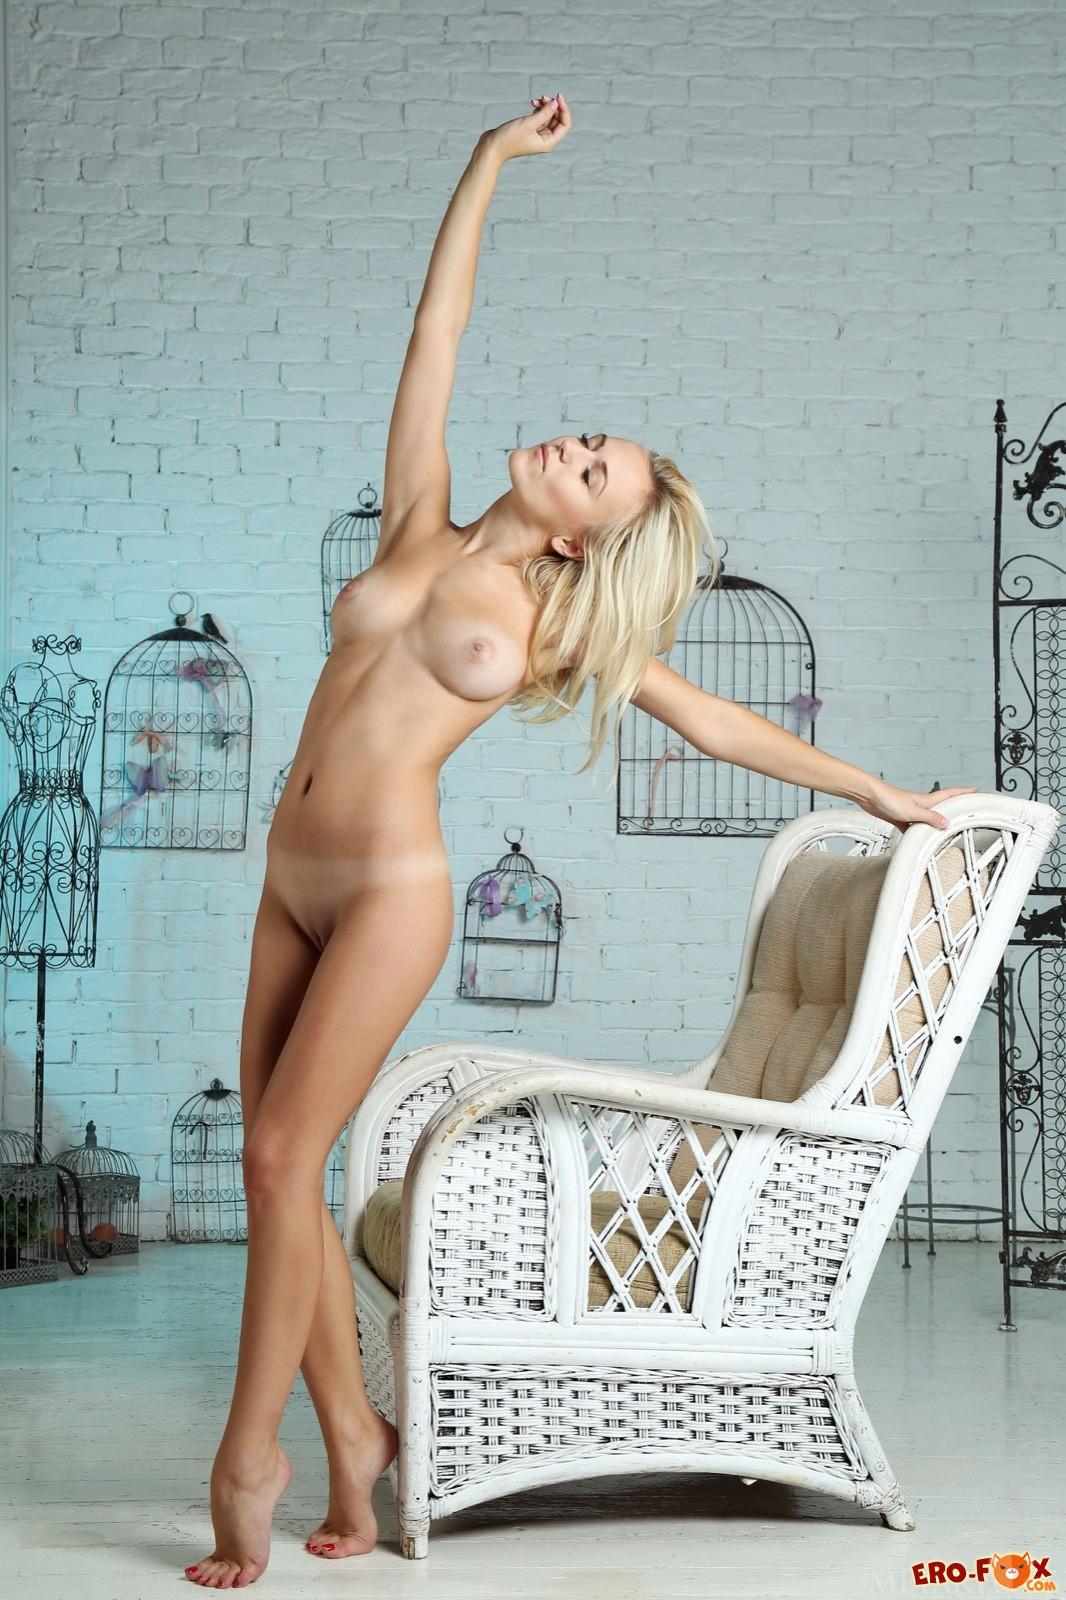 Голая блондинка с красивым телом позирует у кресла